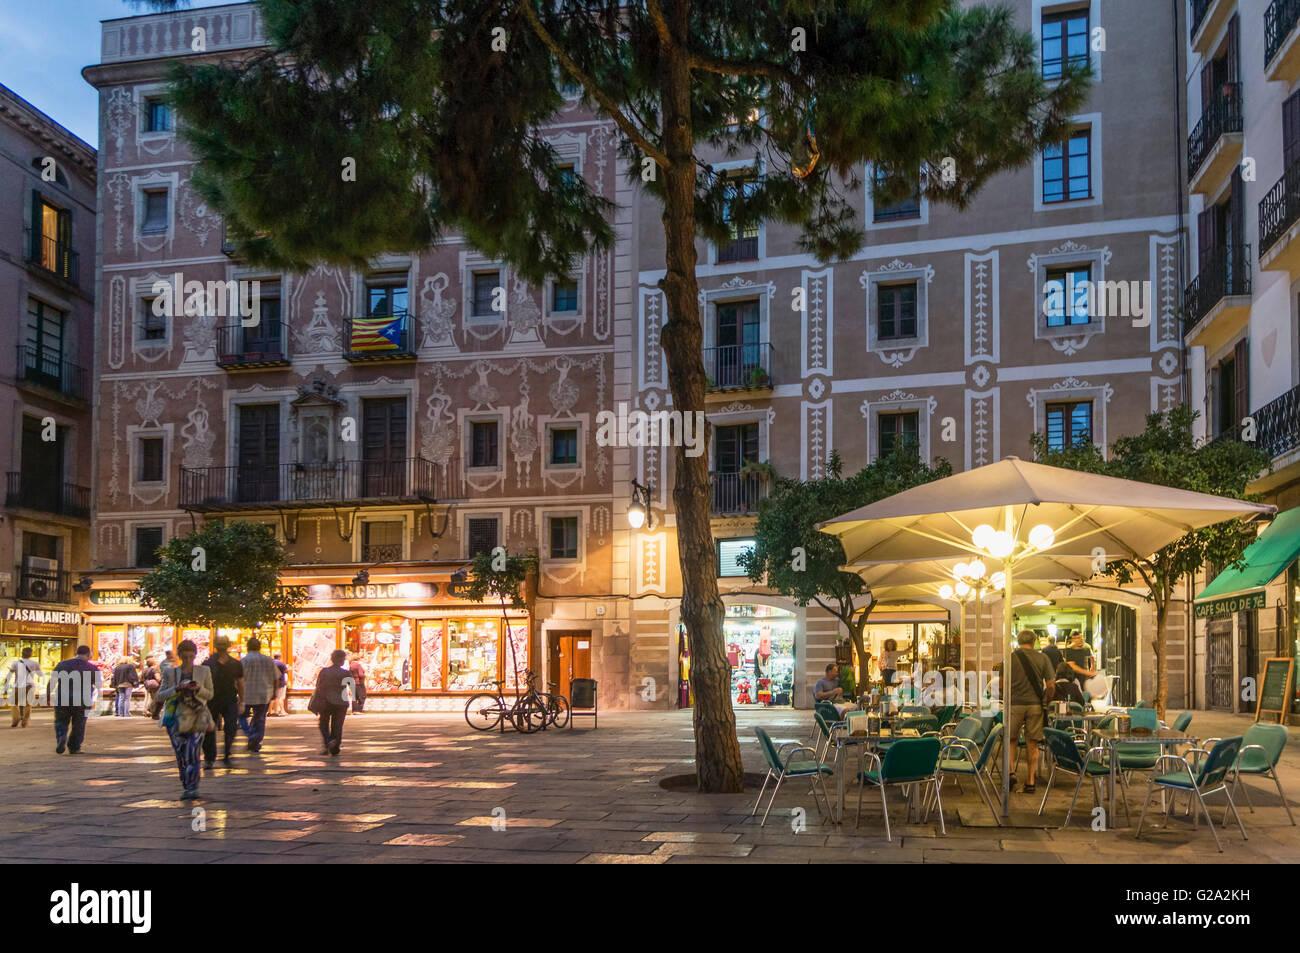 Barri Gotic, quadrato, architettura con ornamenti, Street cafe, Barcellona Immagini Stock